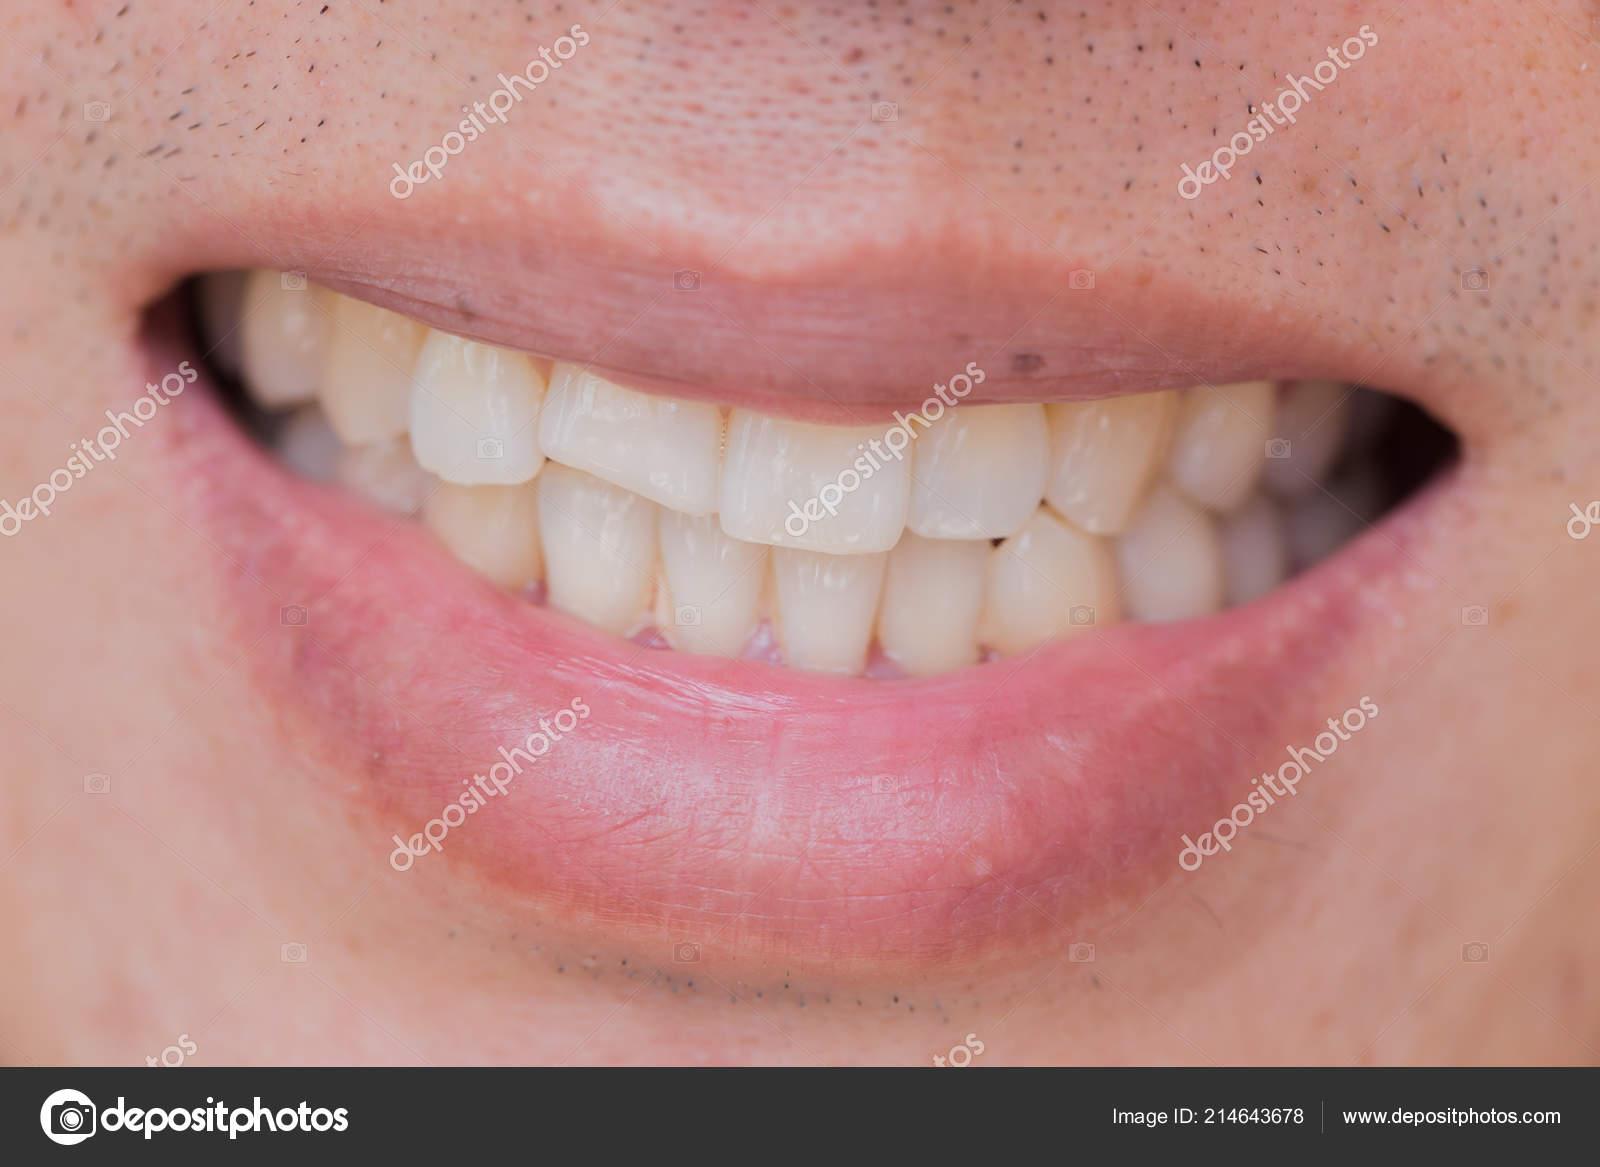 4aed5eeac Problema Dental Sorriso Feio Lesões Dentes Dentes Quebrando Masculino  Trauma — Fotografia de Stock